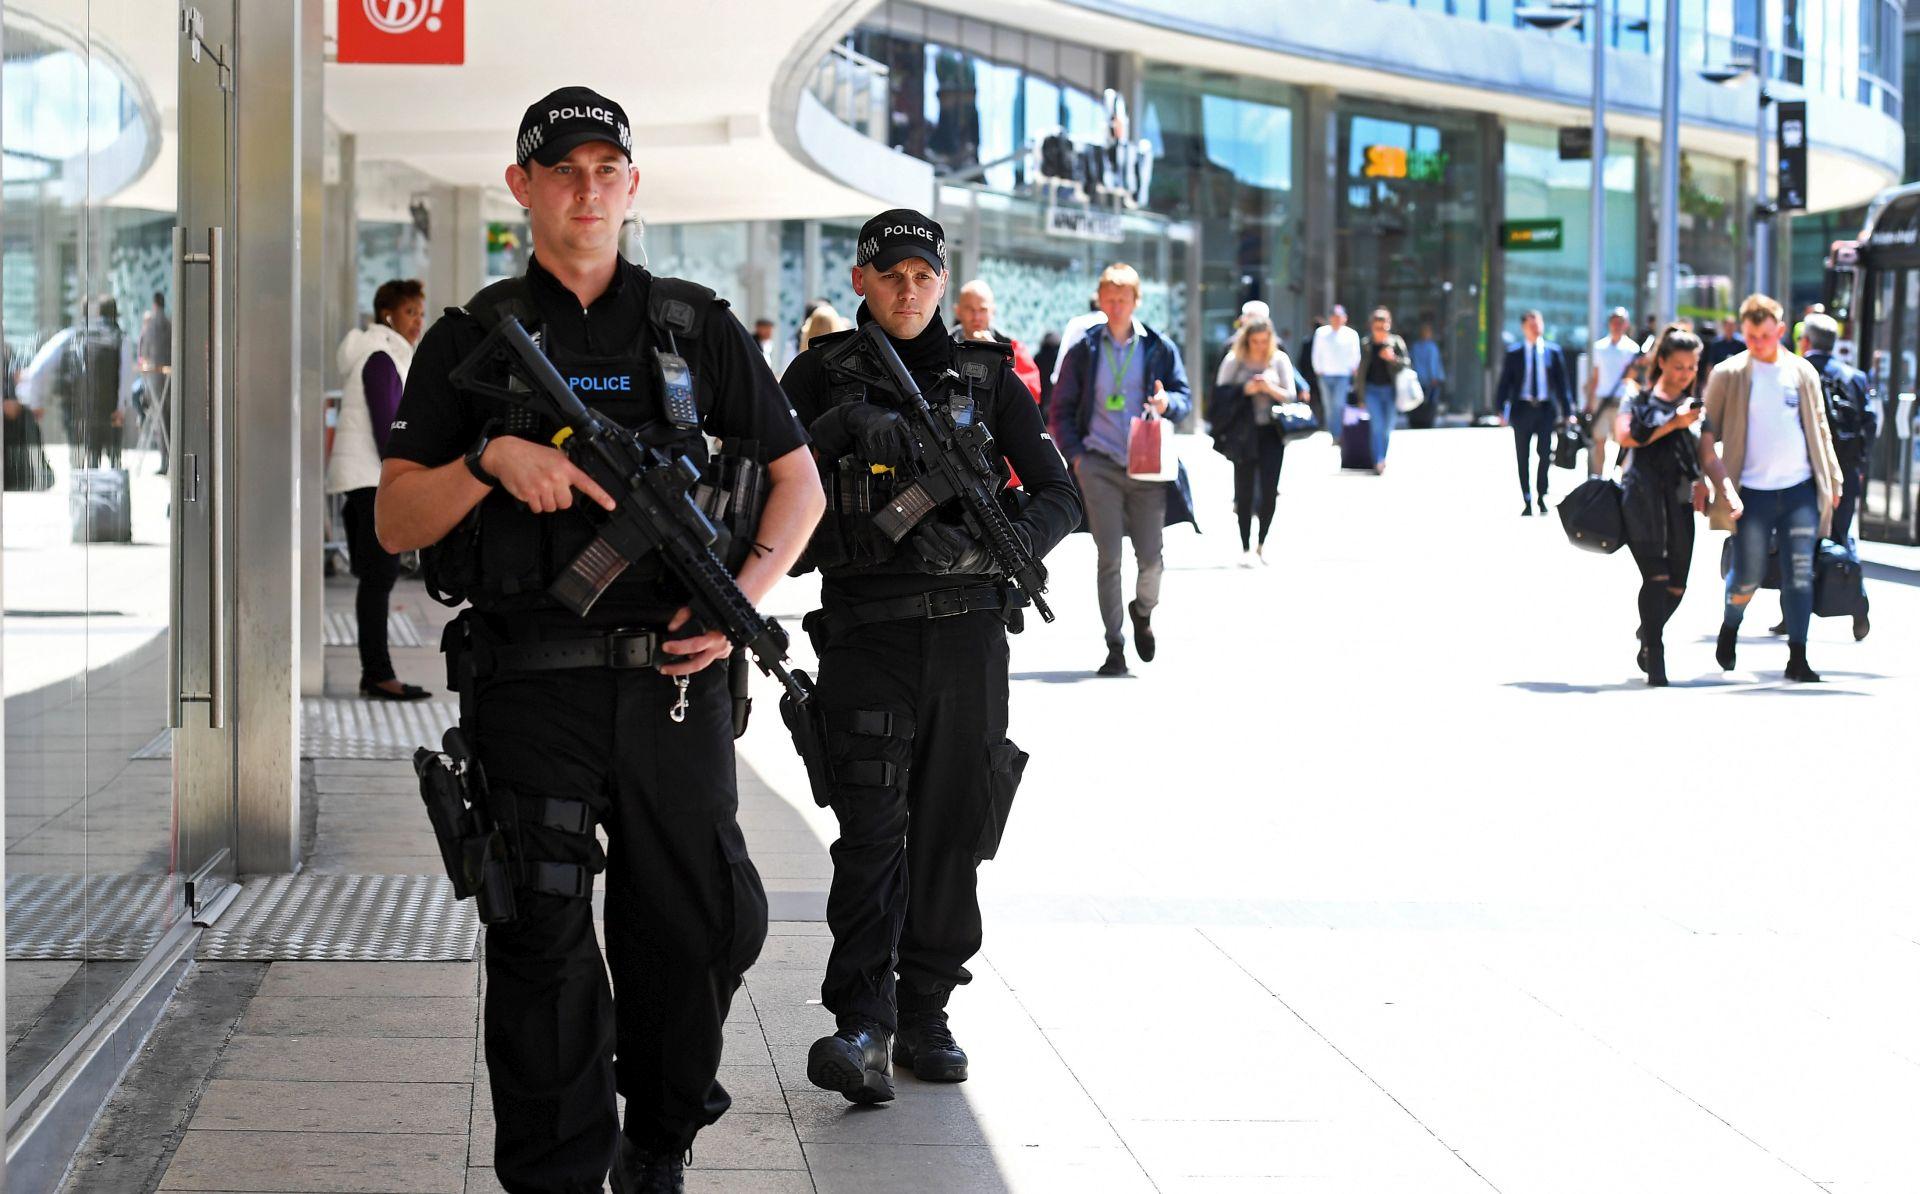 Britanska policija tvrdi da ima posla s terorističkom mrežom